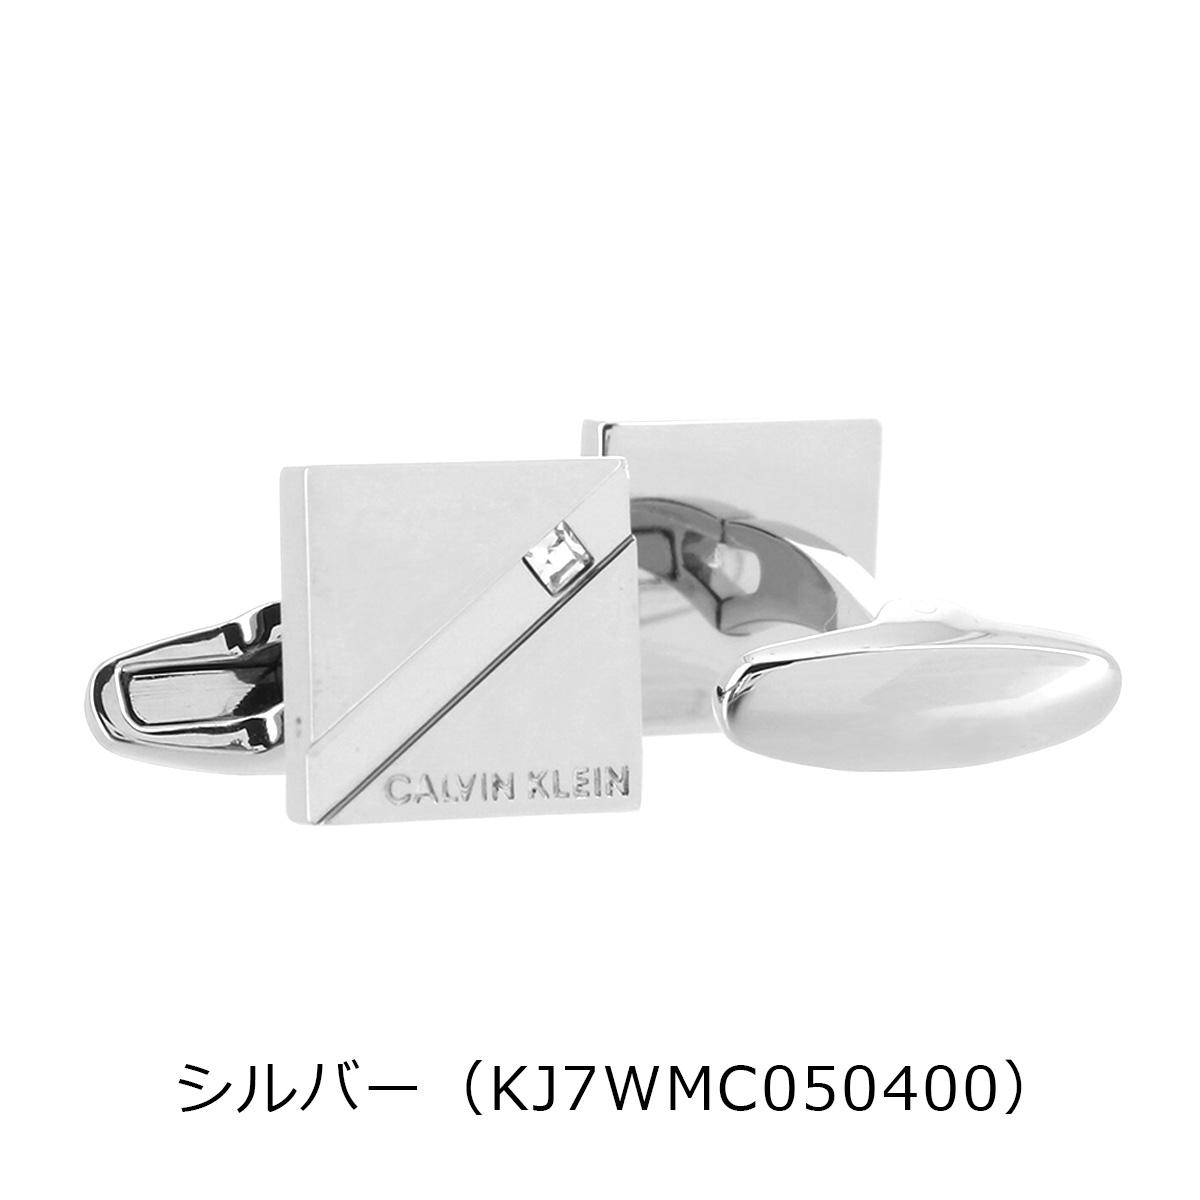 シルバー(KJ7WMC050400)